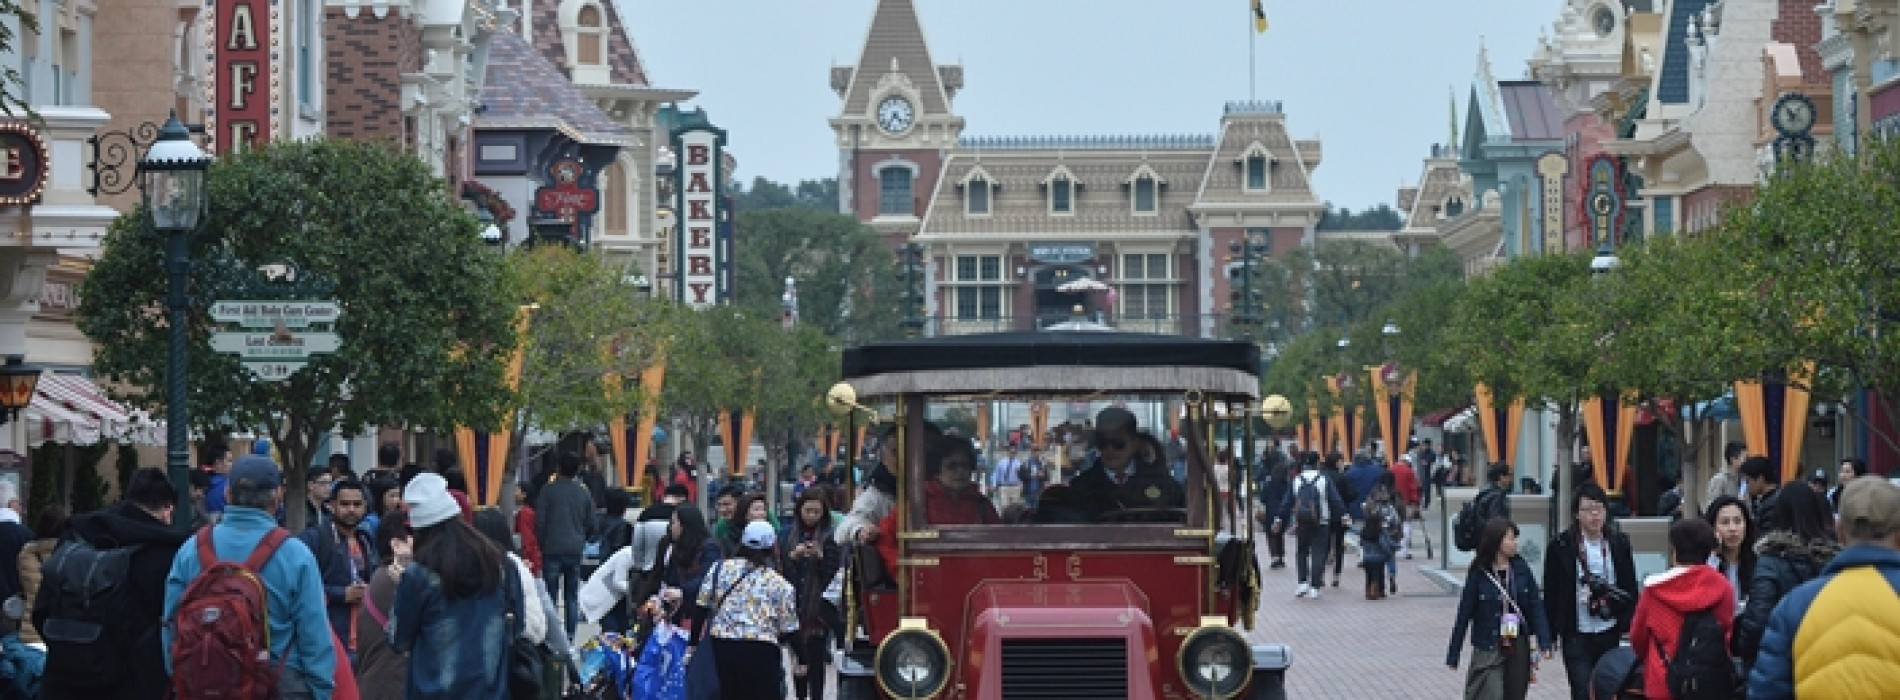 迪士尼首推快樂通行證 限廣東居民購買